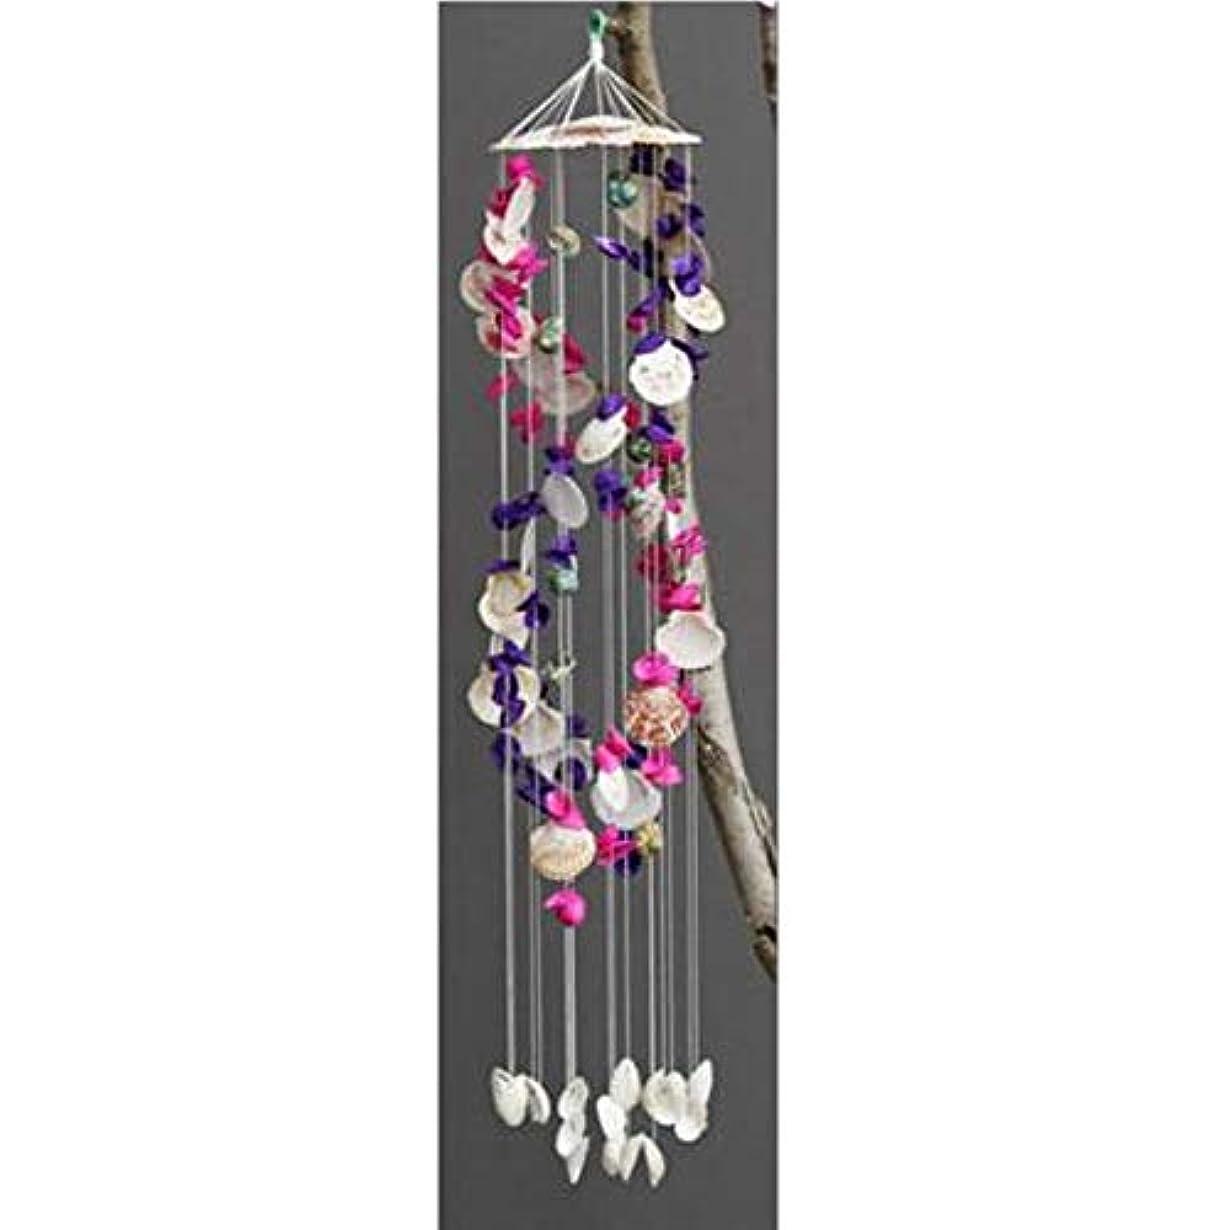 息切れパラダイスジョセフバンクスYoushangshipin 風チャイム、かわいい手作りのクリエイティブシェル風の鐘、斑入り、全長約95CM,美しいギフトボックス (Color : Multi-colored)